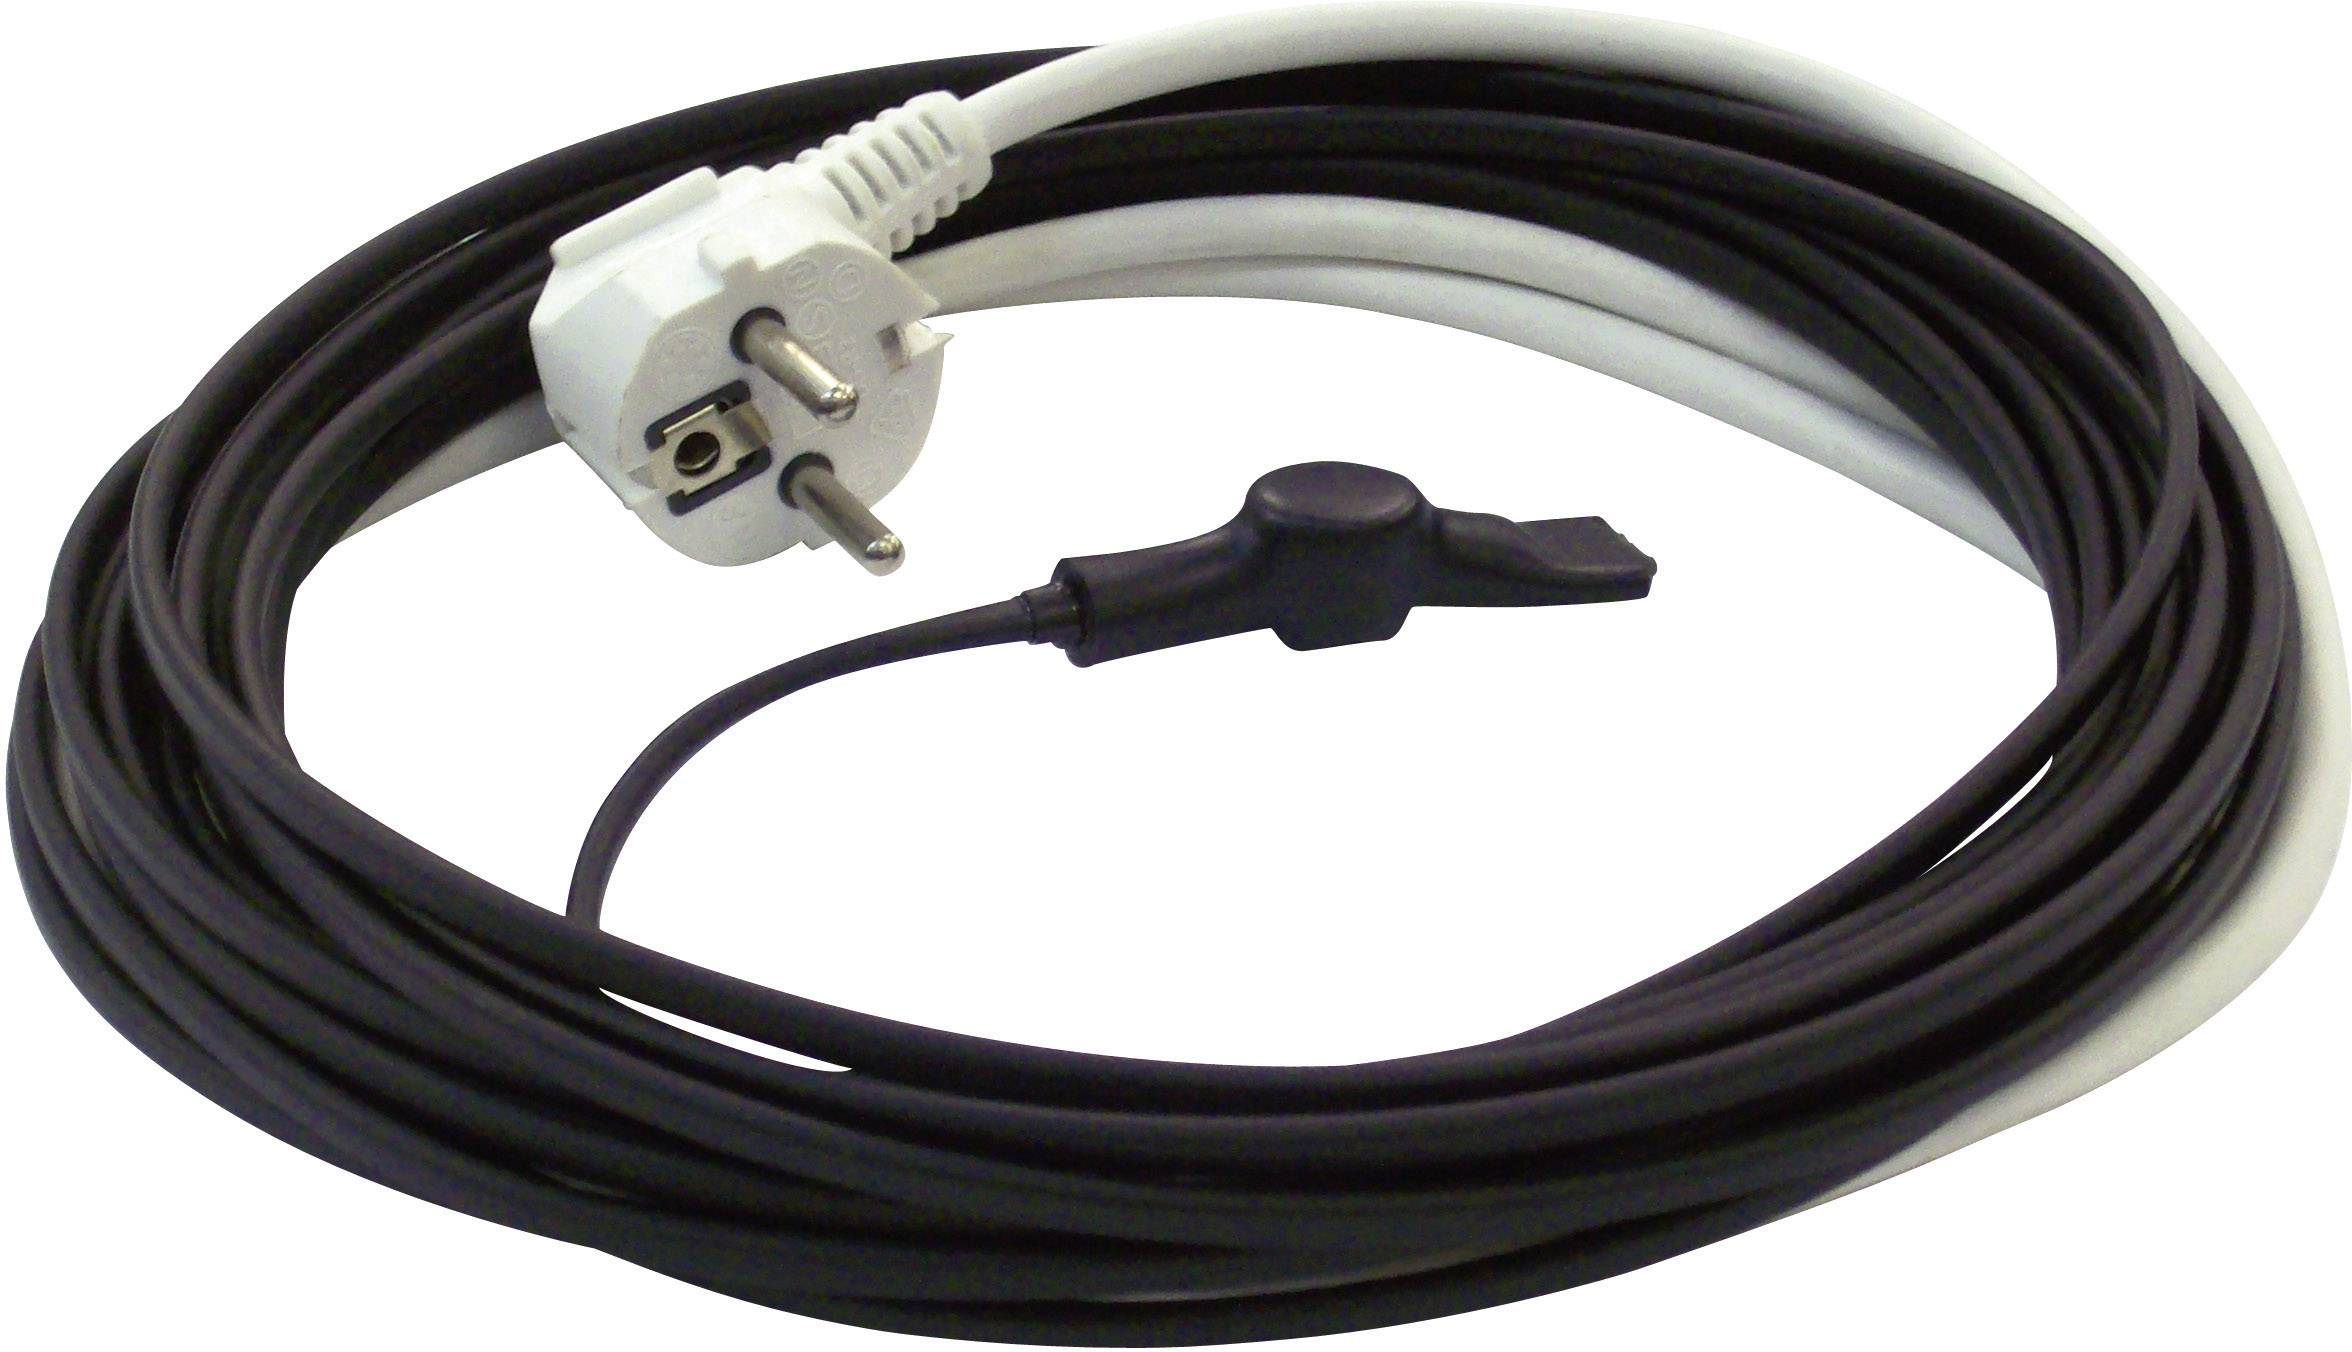 Vykurovací kábel s ochranným termostatem Arnold Rak HK-18,0-F, 270 W, 18 m